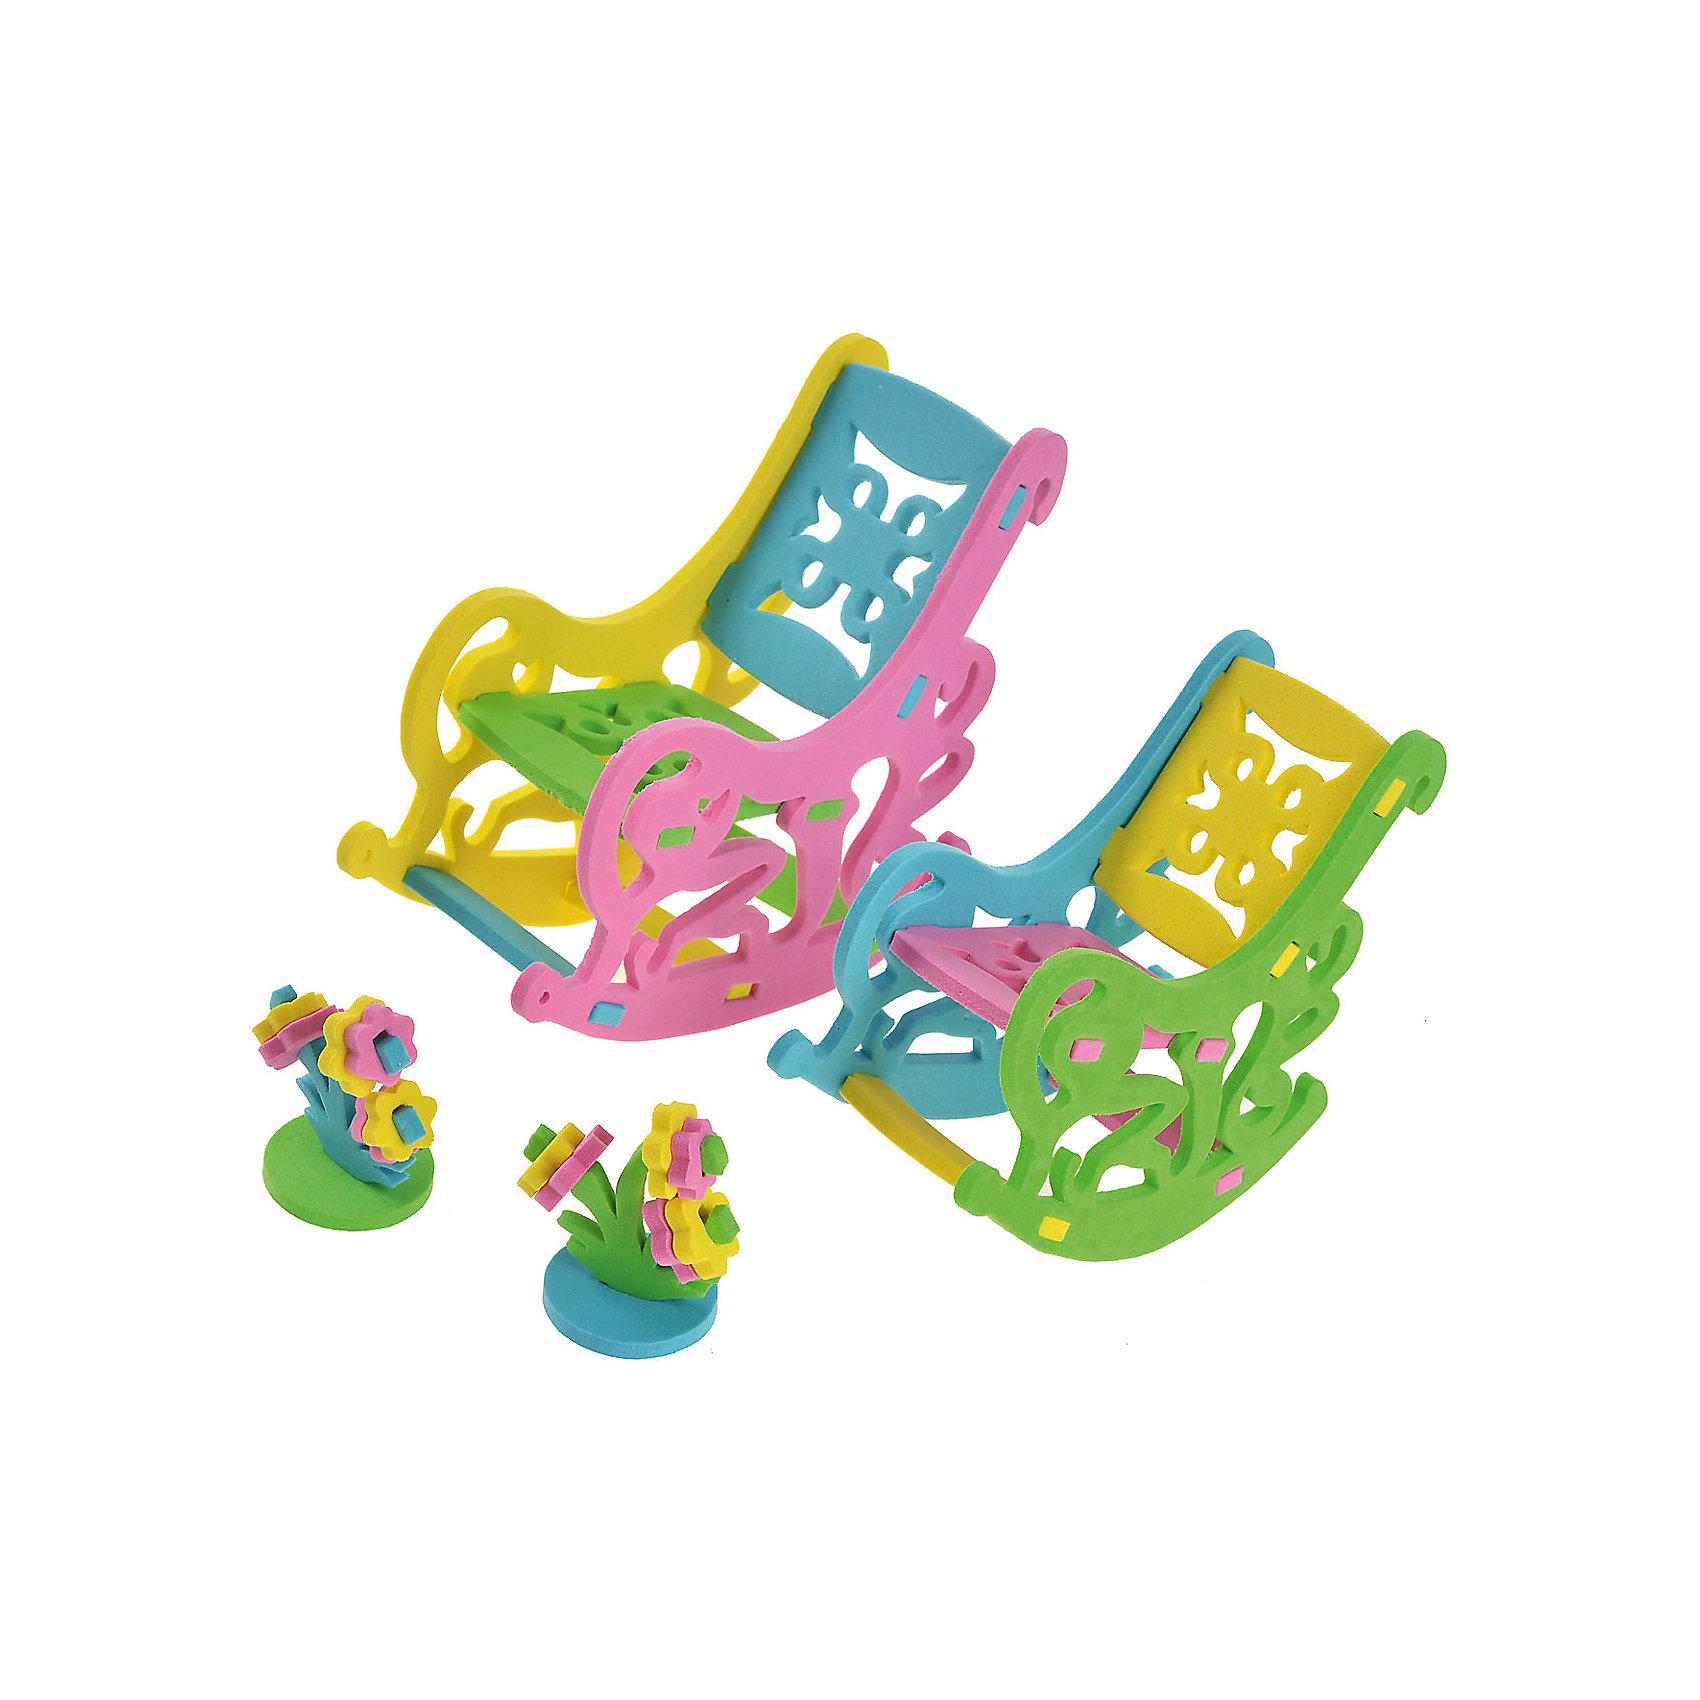 Мягкий 3D-пазл МебельХарактеристики товара:<br><br>• материал: полимер<br>• комплектация: 4 листа с деталями<br>• размер: 21х15 см<br>• мягкие детали<br>• страна бренда: Российская Федерация<br>• страна производства: Китай<br><br>Развить различные навыки ребенка и весело провести время поможет этот мягкий 3D-пазл Мебель! Ребенок может готовыми изделиями украсить комнату или включить их в свои игры.<br>Детали пазла качественно выполнены, сделаны из безопасных для детей материалов. Сборка пазлов помогает детям лучше развить мелкую моторику, память, внимание, аккуратность и мышление. Детям полезно такое занятие - они развивают свои способности и начинают верить в свои силы!<br><br>Мягкий 3D-пазл Мебель от бренда Schreiber можно купить в нашем интернет-магазине.<br><br>Ширина мм: 260<br>Глубина мм: 155<br>Высота мм: 10<br>Вес г: 200<br>Возраст от месяцев: 36<br>Возраст до месяцев: 84<br>Пол: Унисекс<br>Возраст: Детский<br>SKU: 4889459